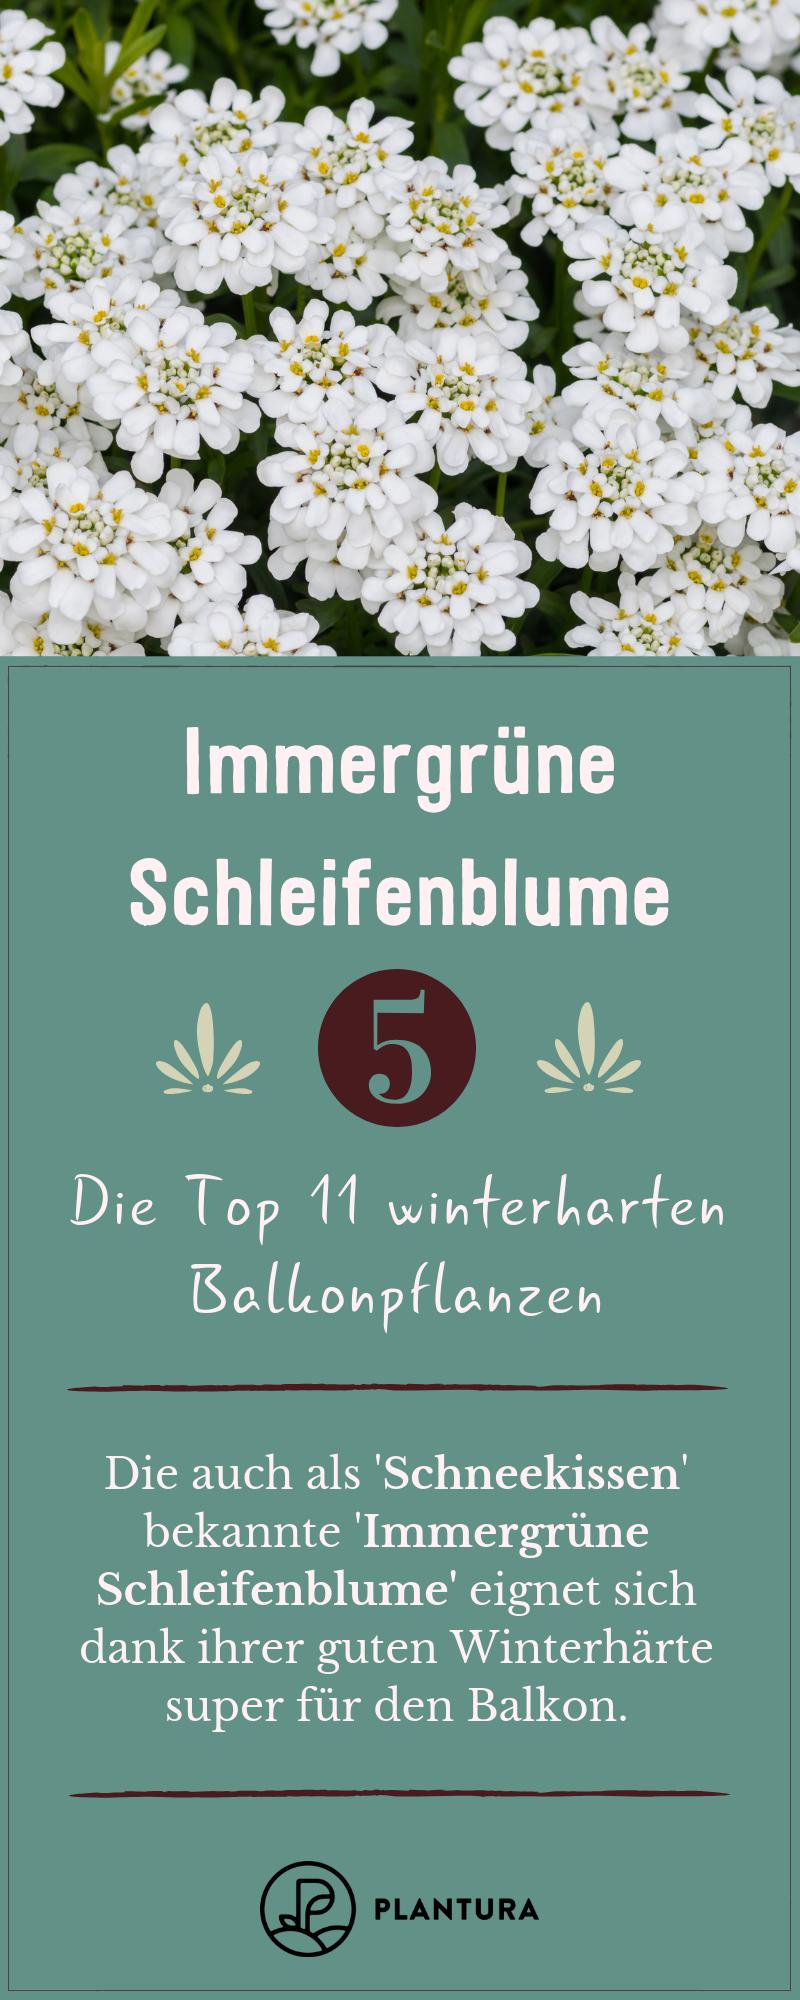 Winterharte Balkonpflanzen: Die Top 11 für Ihren Balkon - Plantura #kletterpflanzenwinterhart